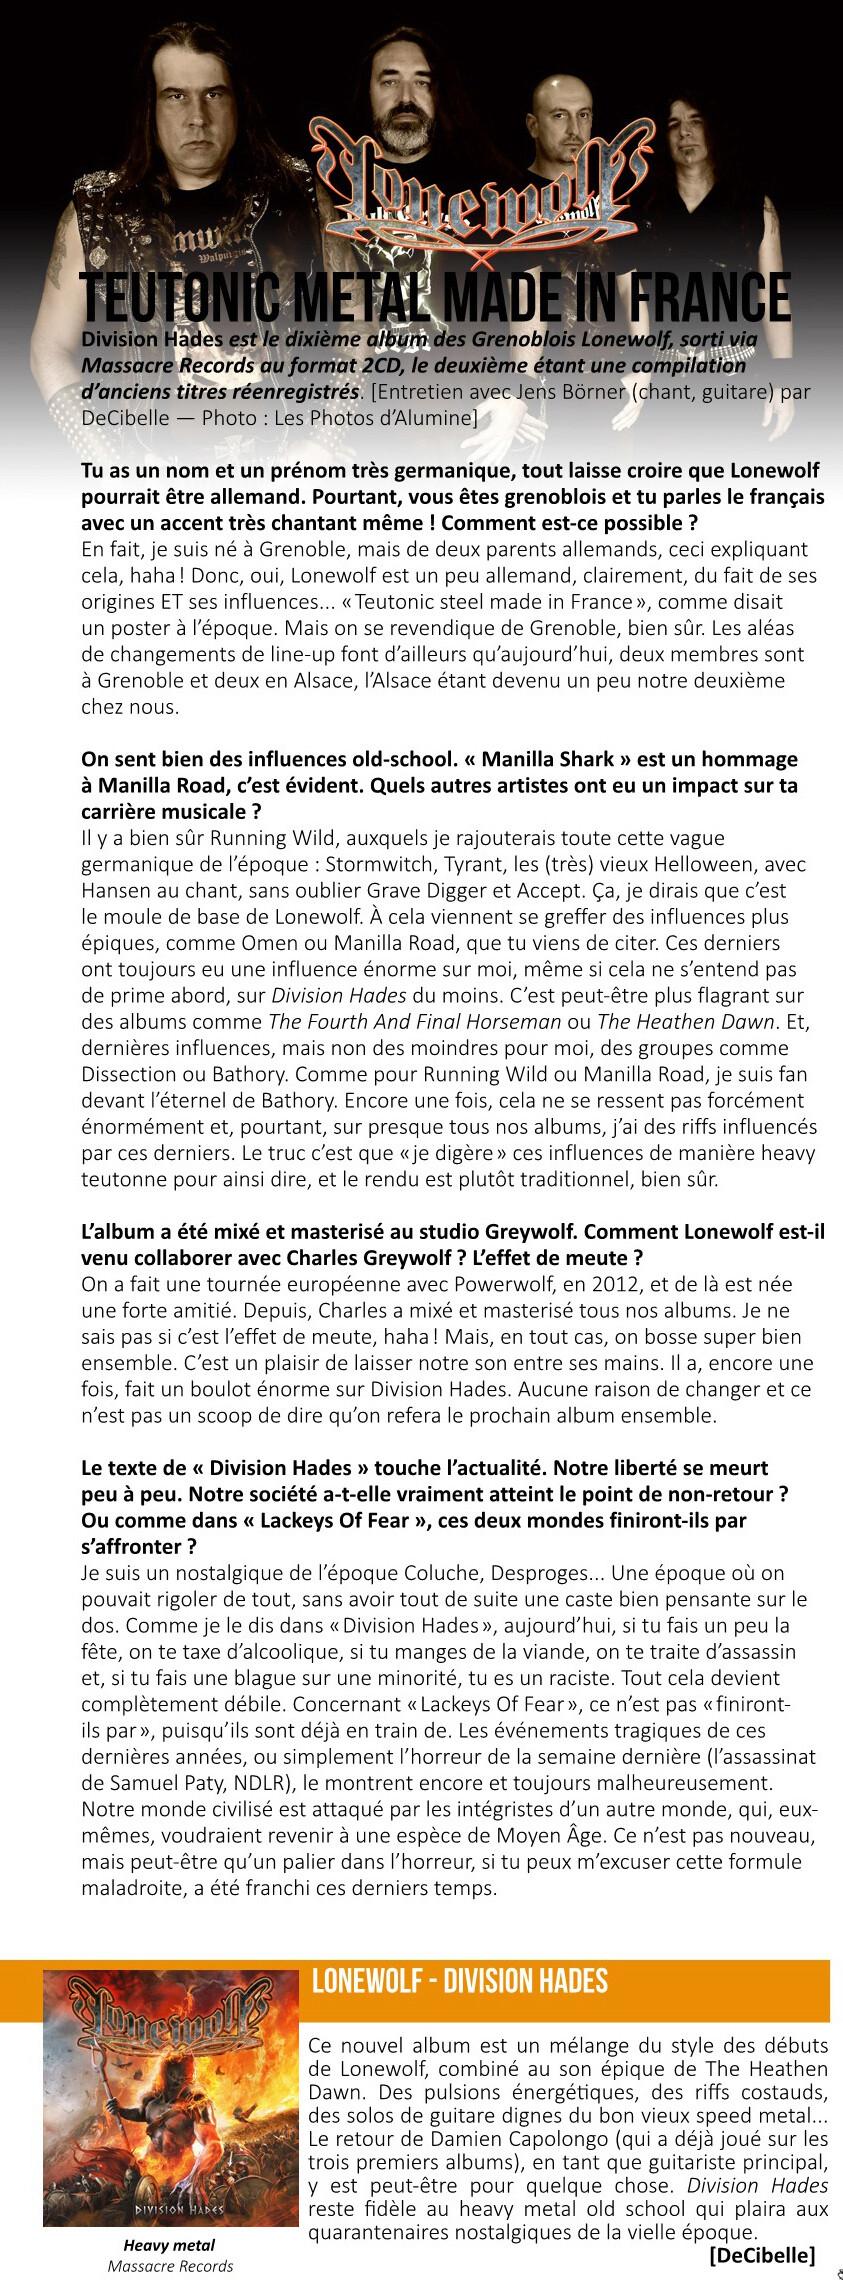 [Heavy] Lonewolf  groupe de Grenoble nouvel album le 25/09/2020 024